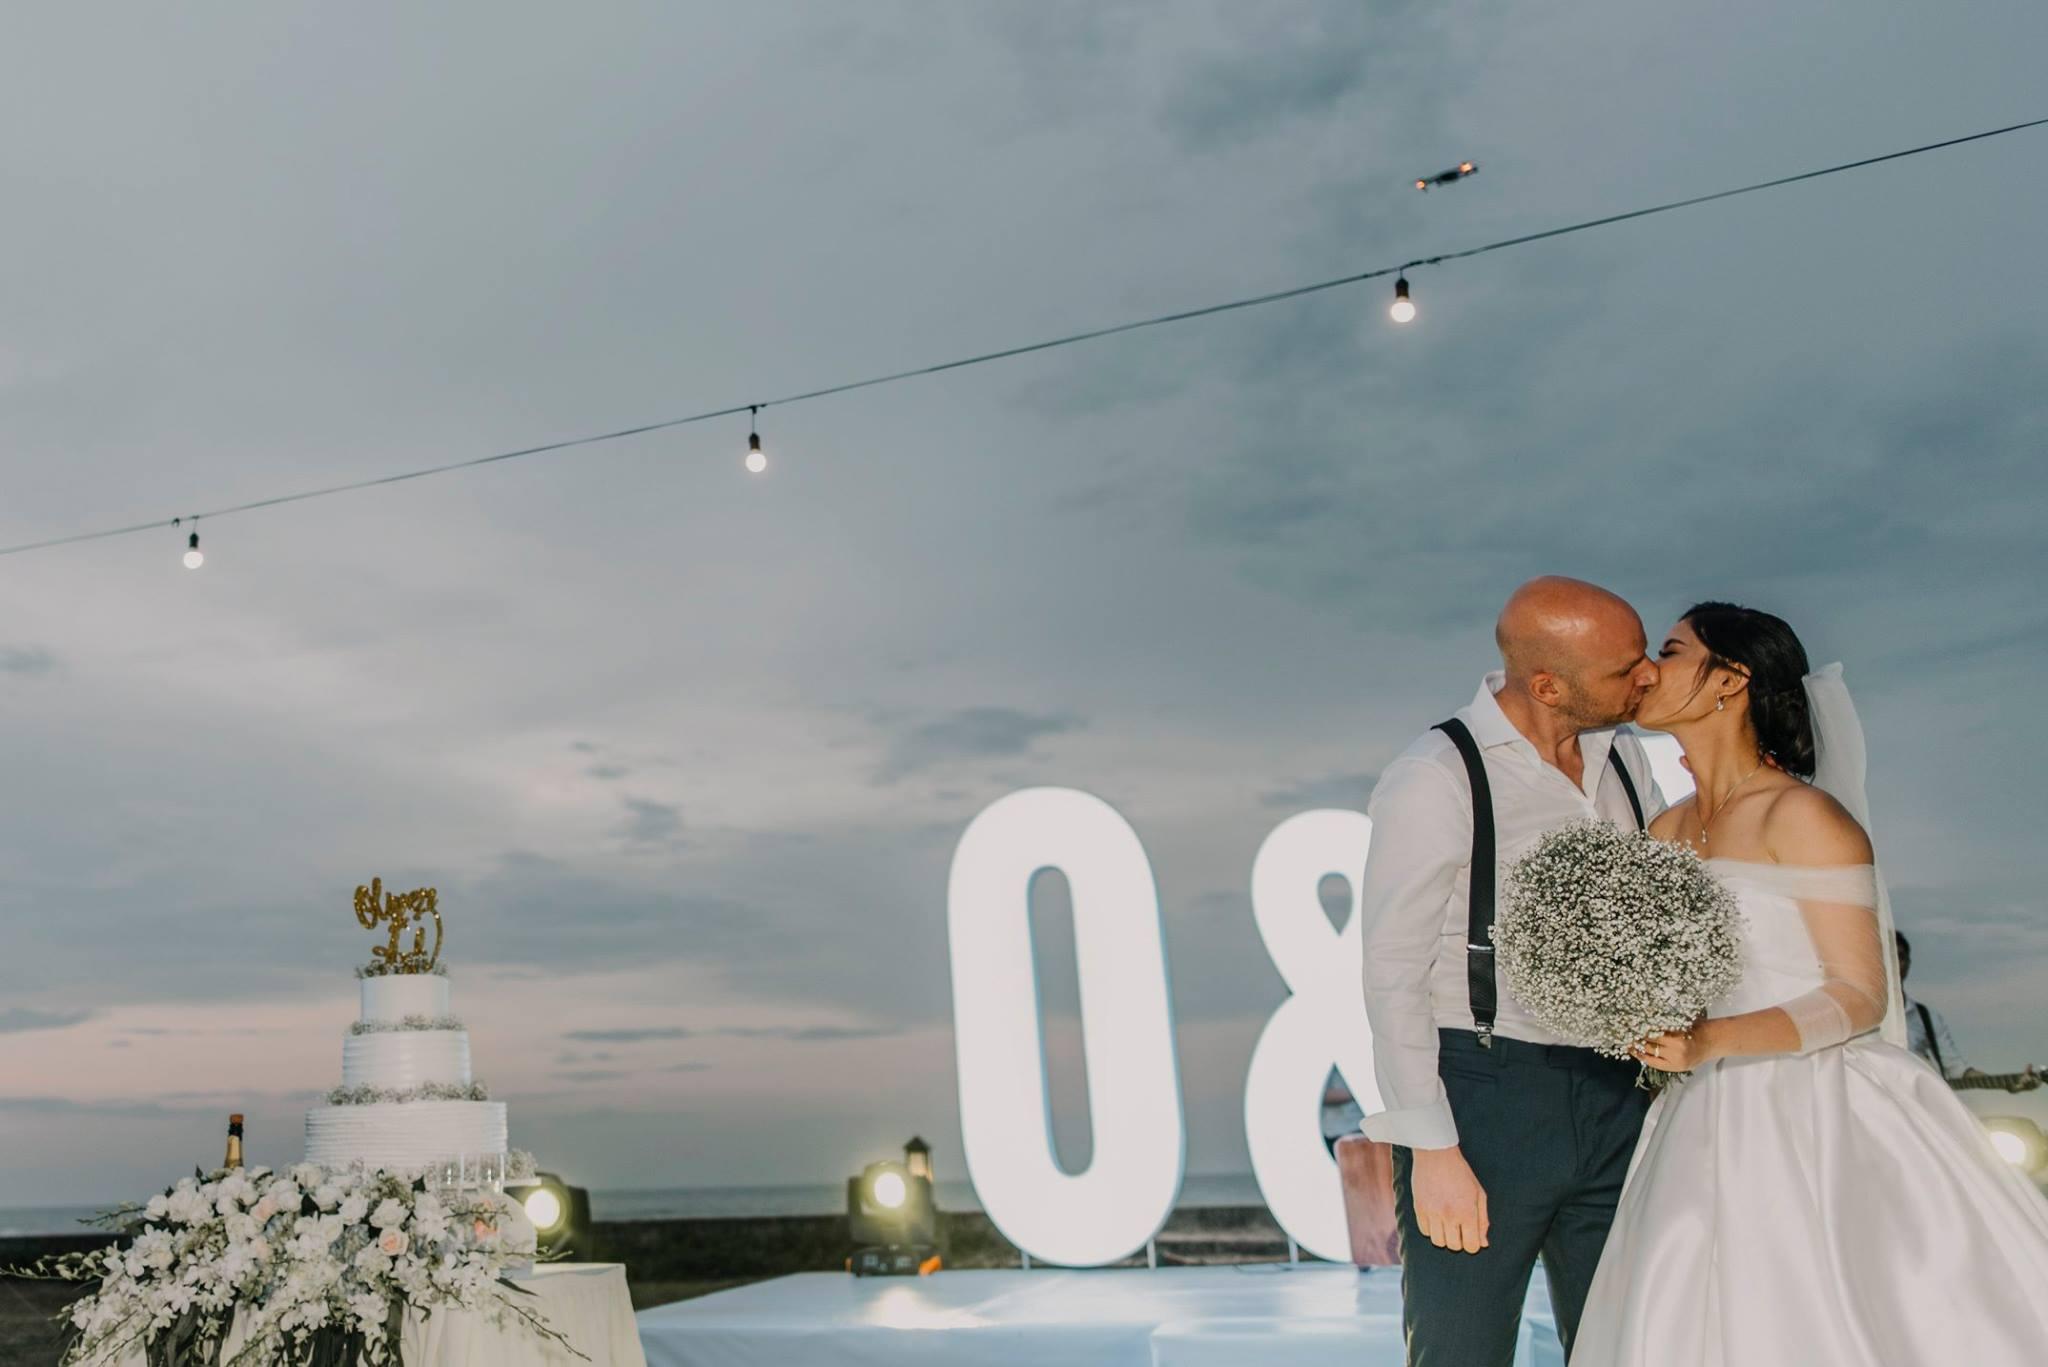 Ana Mandara Huế Beach Resort & Spa: Điệu valse lãng mạn cho tình yêu thăng hoa - Ảnh 1.